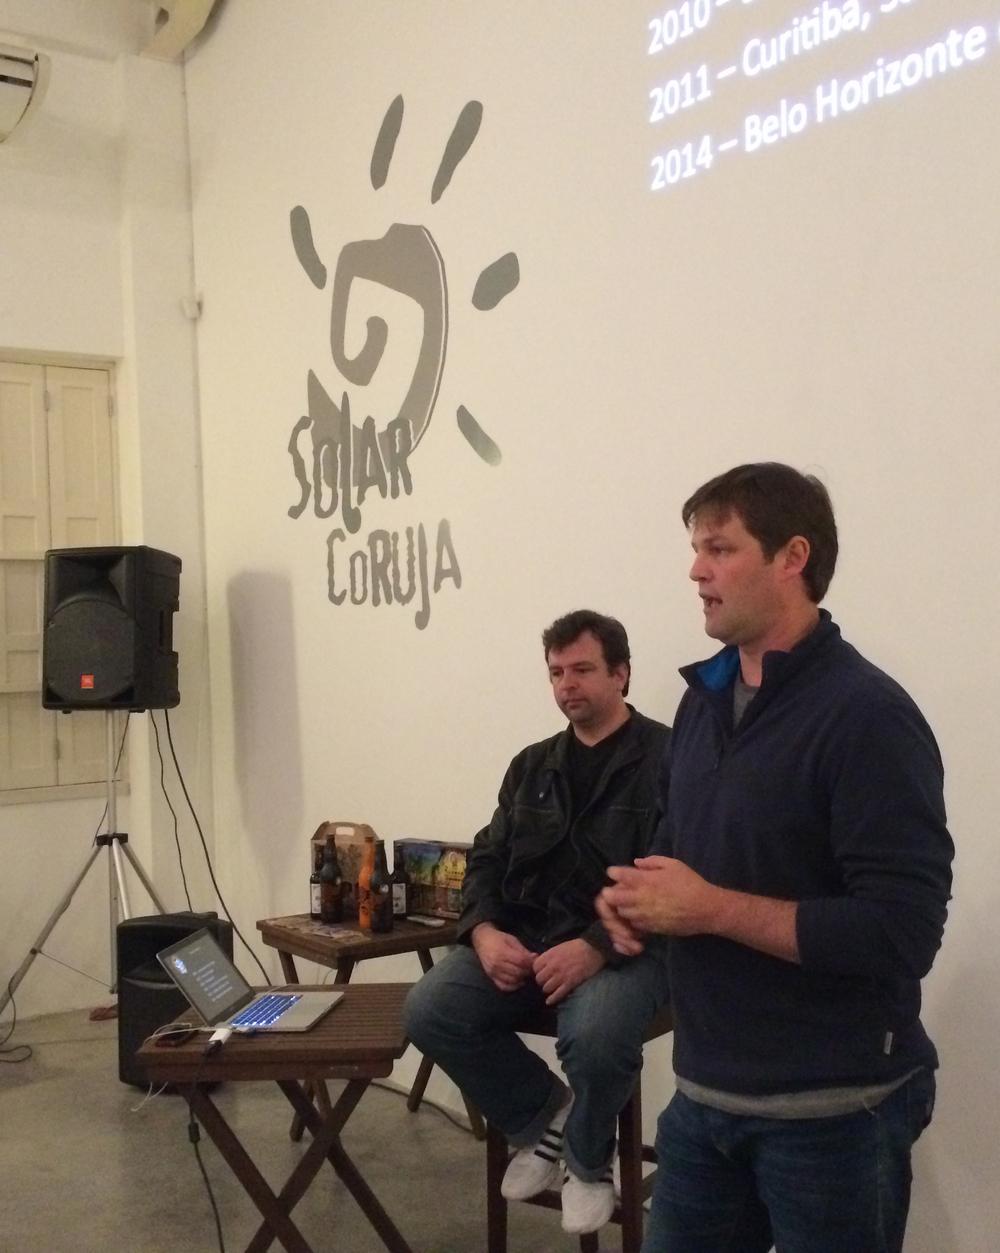 Rafael e Micael, os fundadores da Coruja (Foto: Altair Nobre/Beer Art)